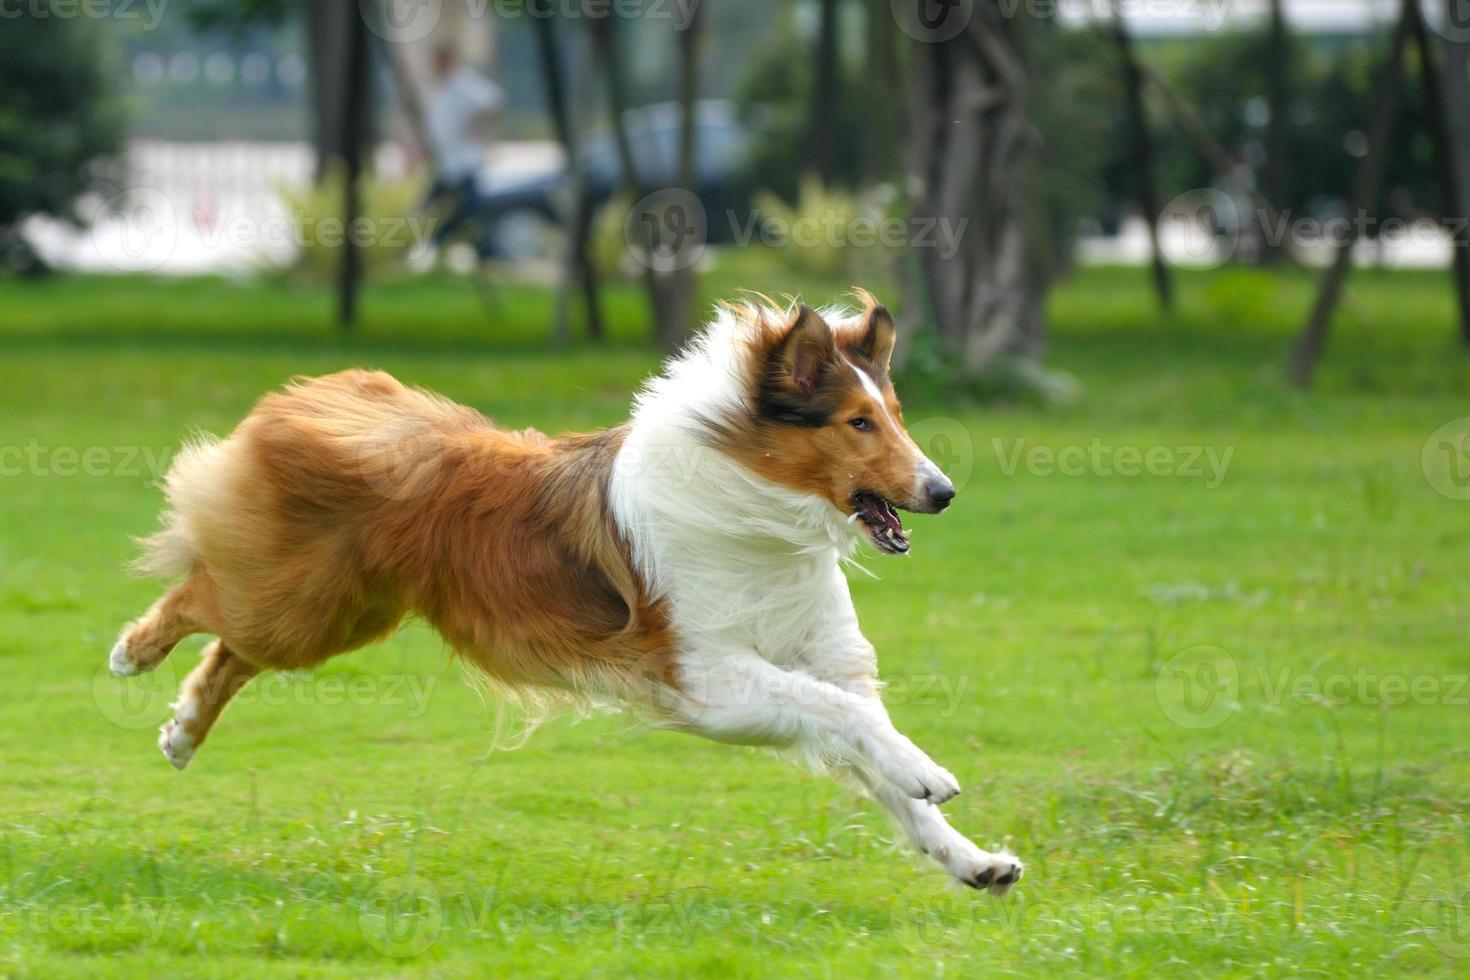 perro corriendo foto